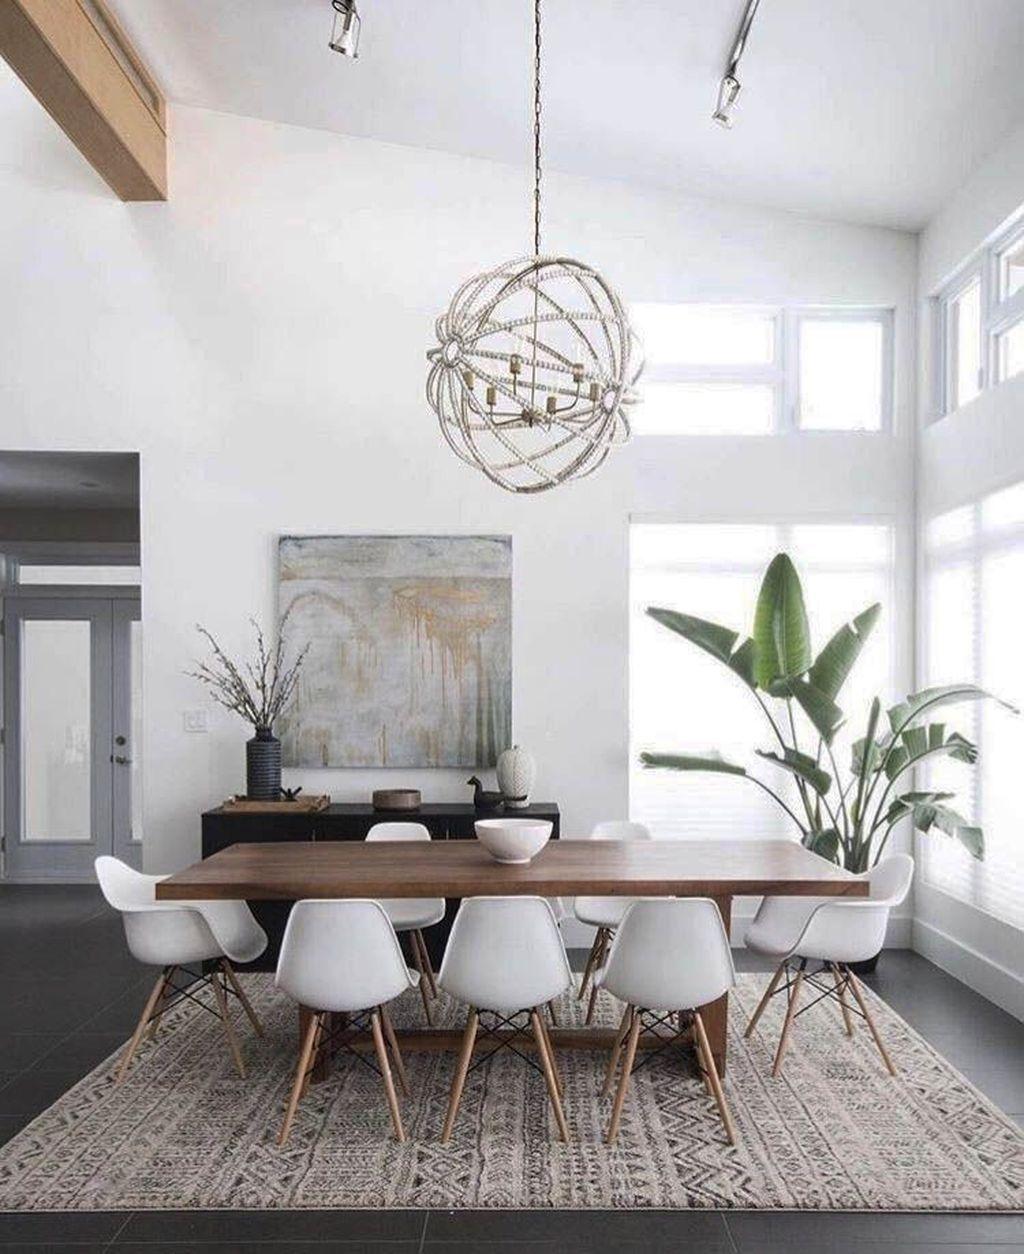 44 Popular Contemporary Dining Room Design Ideas Homyhomee Minimalist Dining Room Minimal Dining Room Modern Dining Room